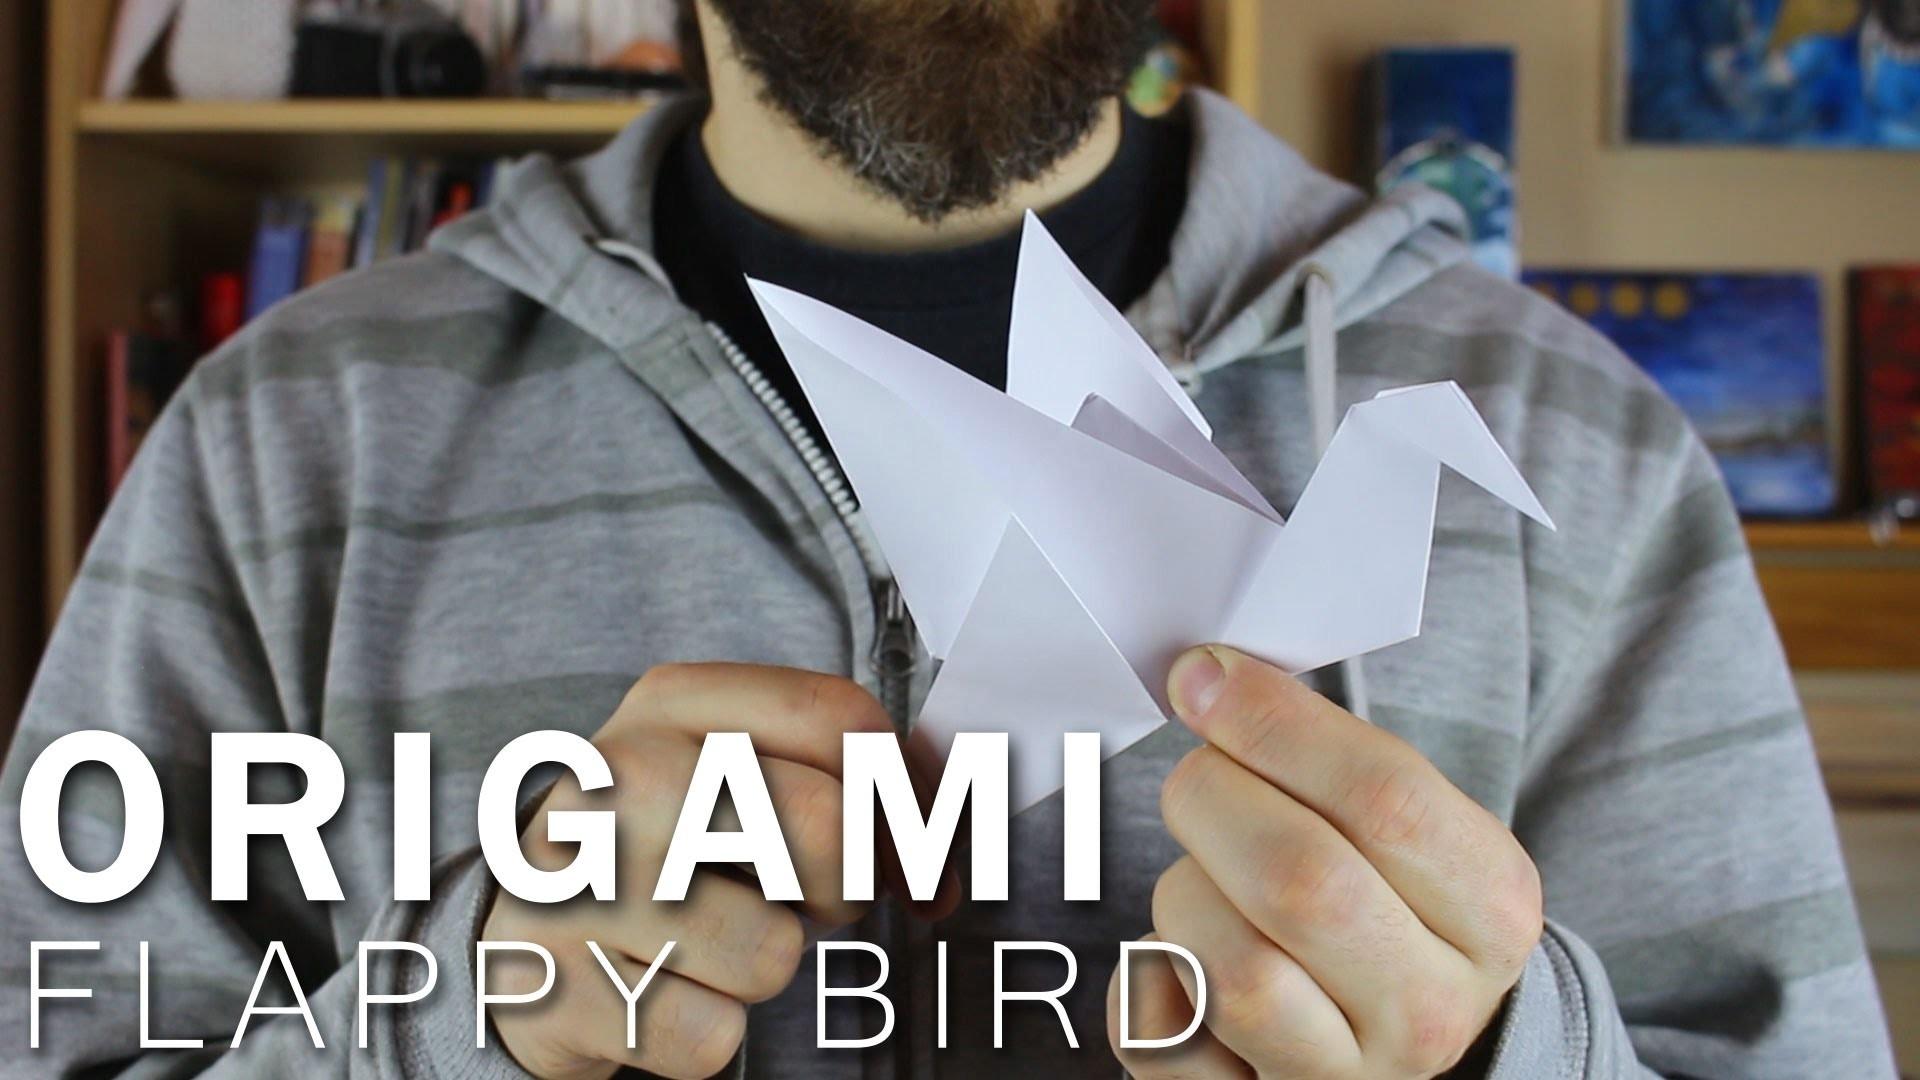 Flappy bird - ORIGAMI